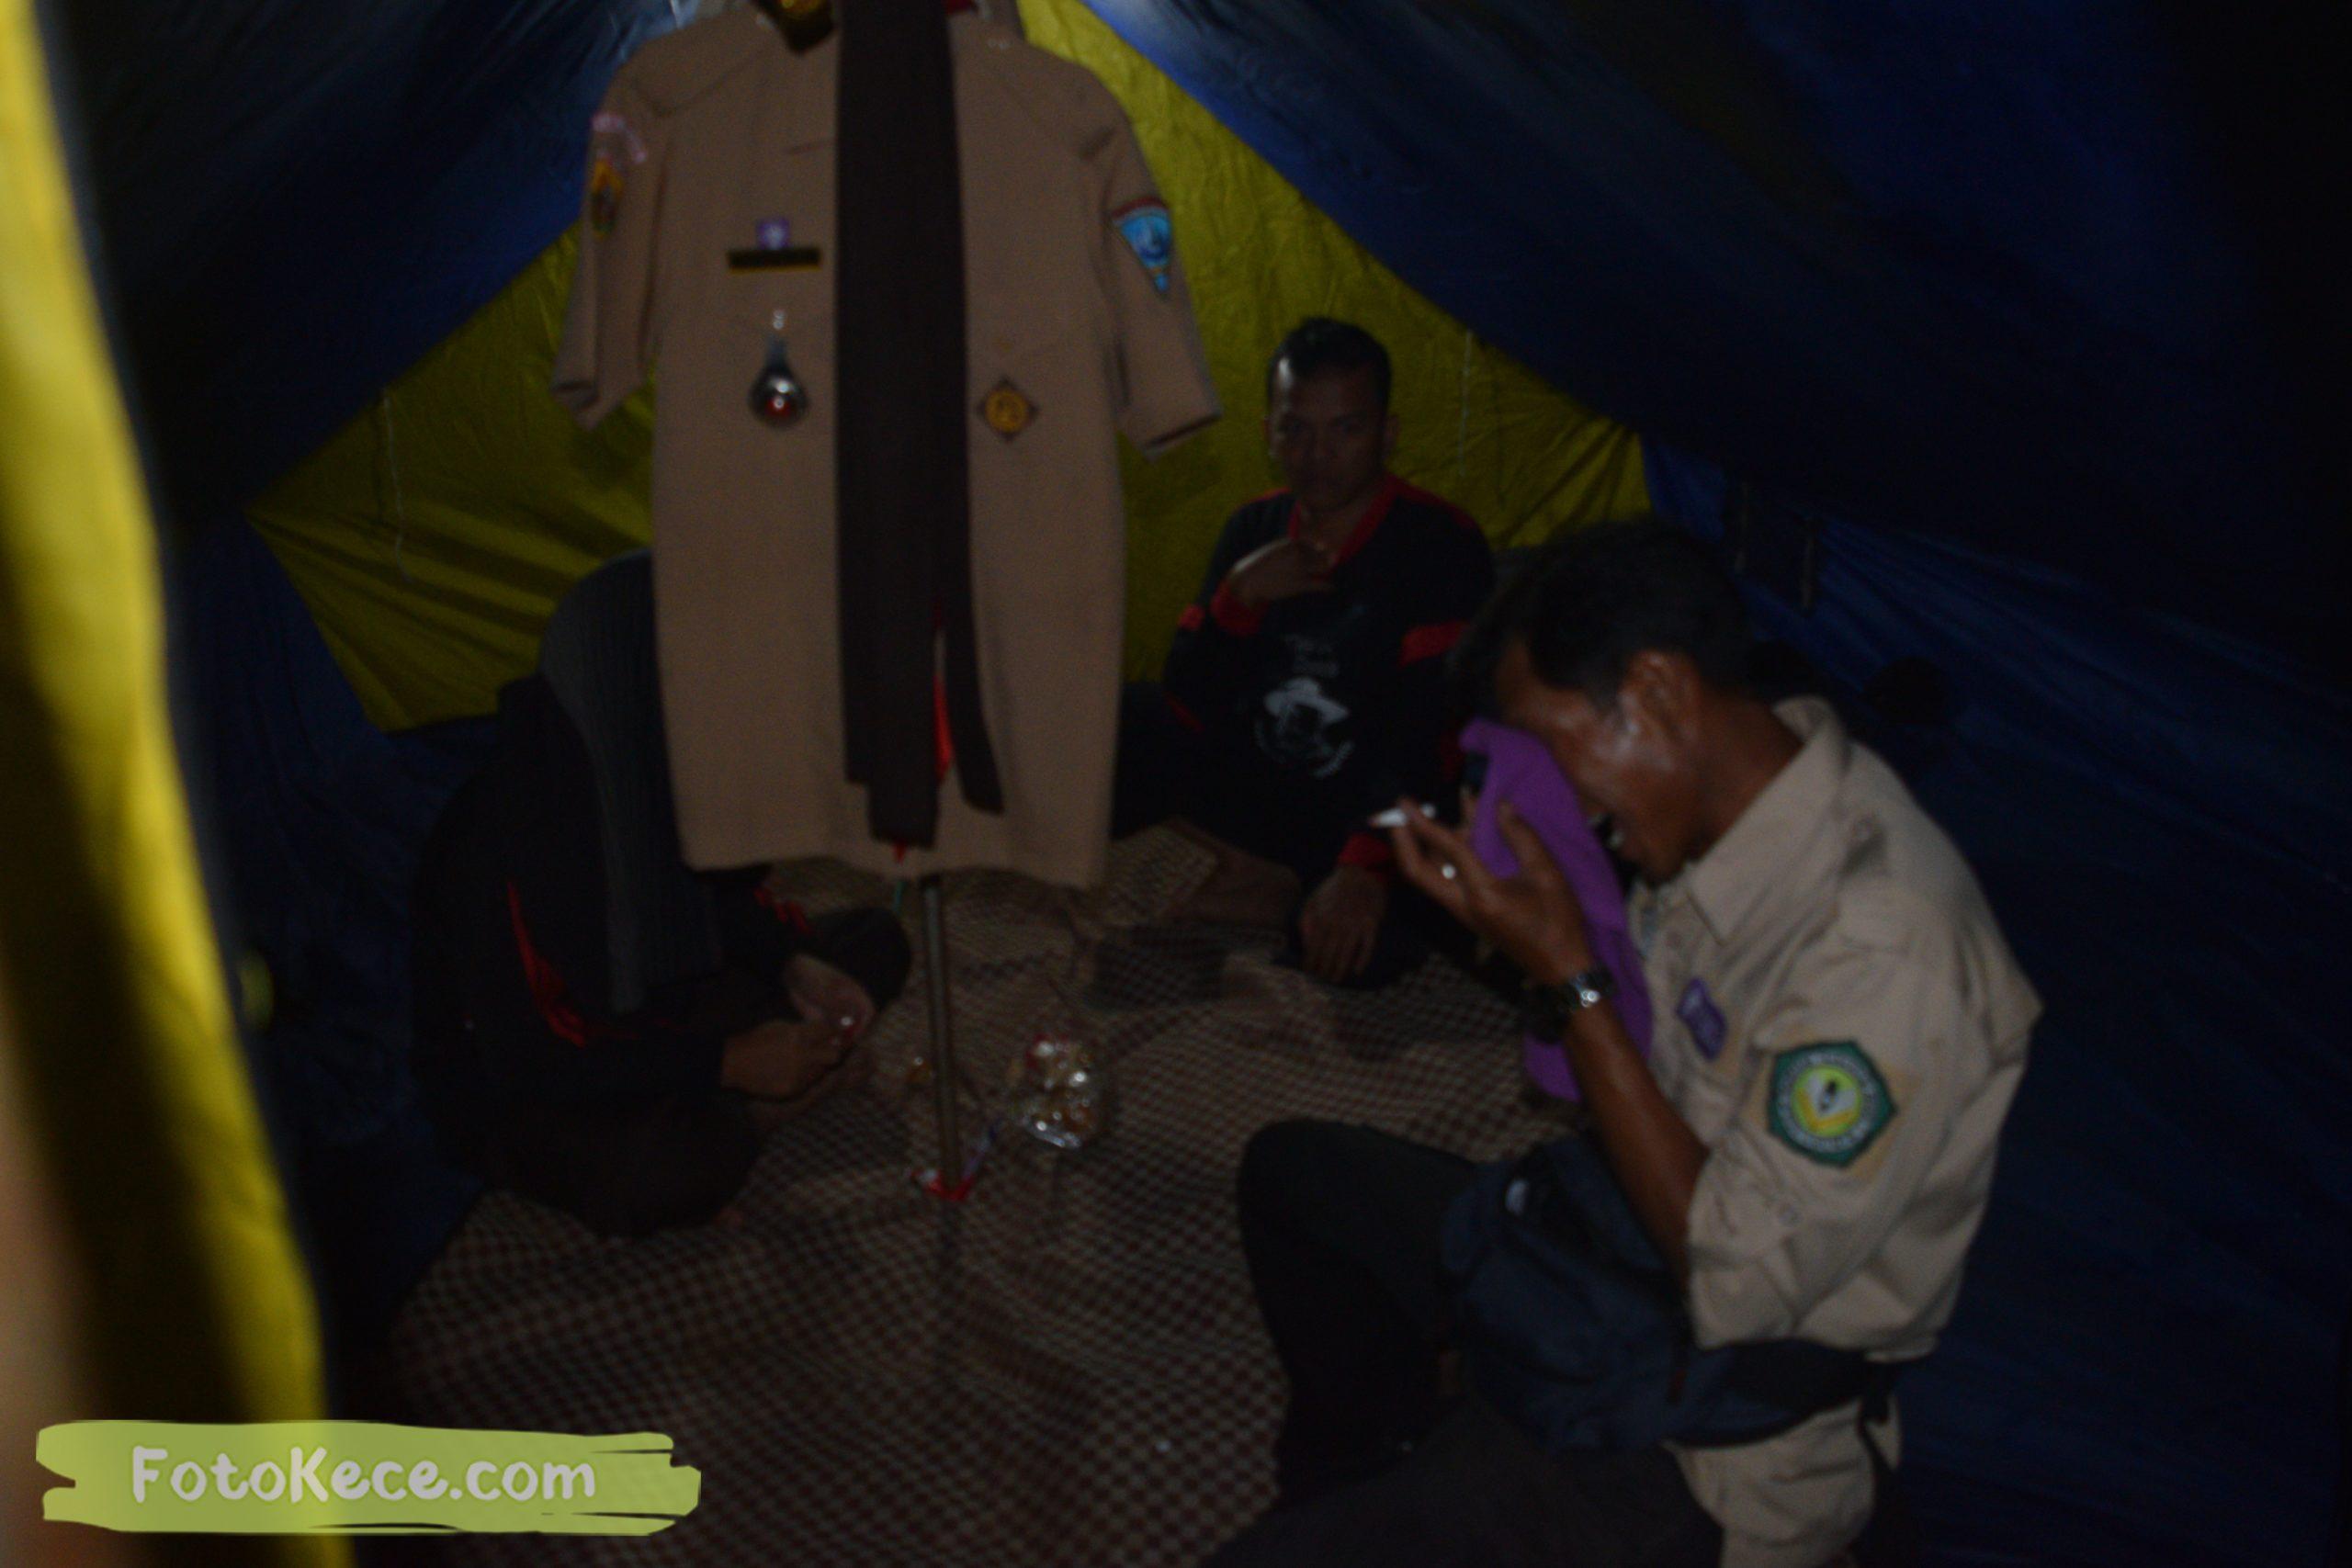 kegiatan sore malam perkemahan narakarya 1 mtsn 2 sukabumi 24 25 januari 2020 pramuka hebat puncak buluh foto kece 81 scaled